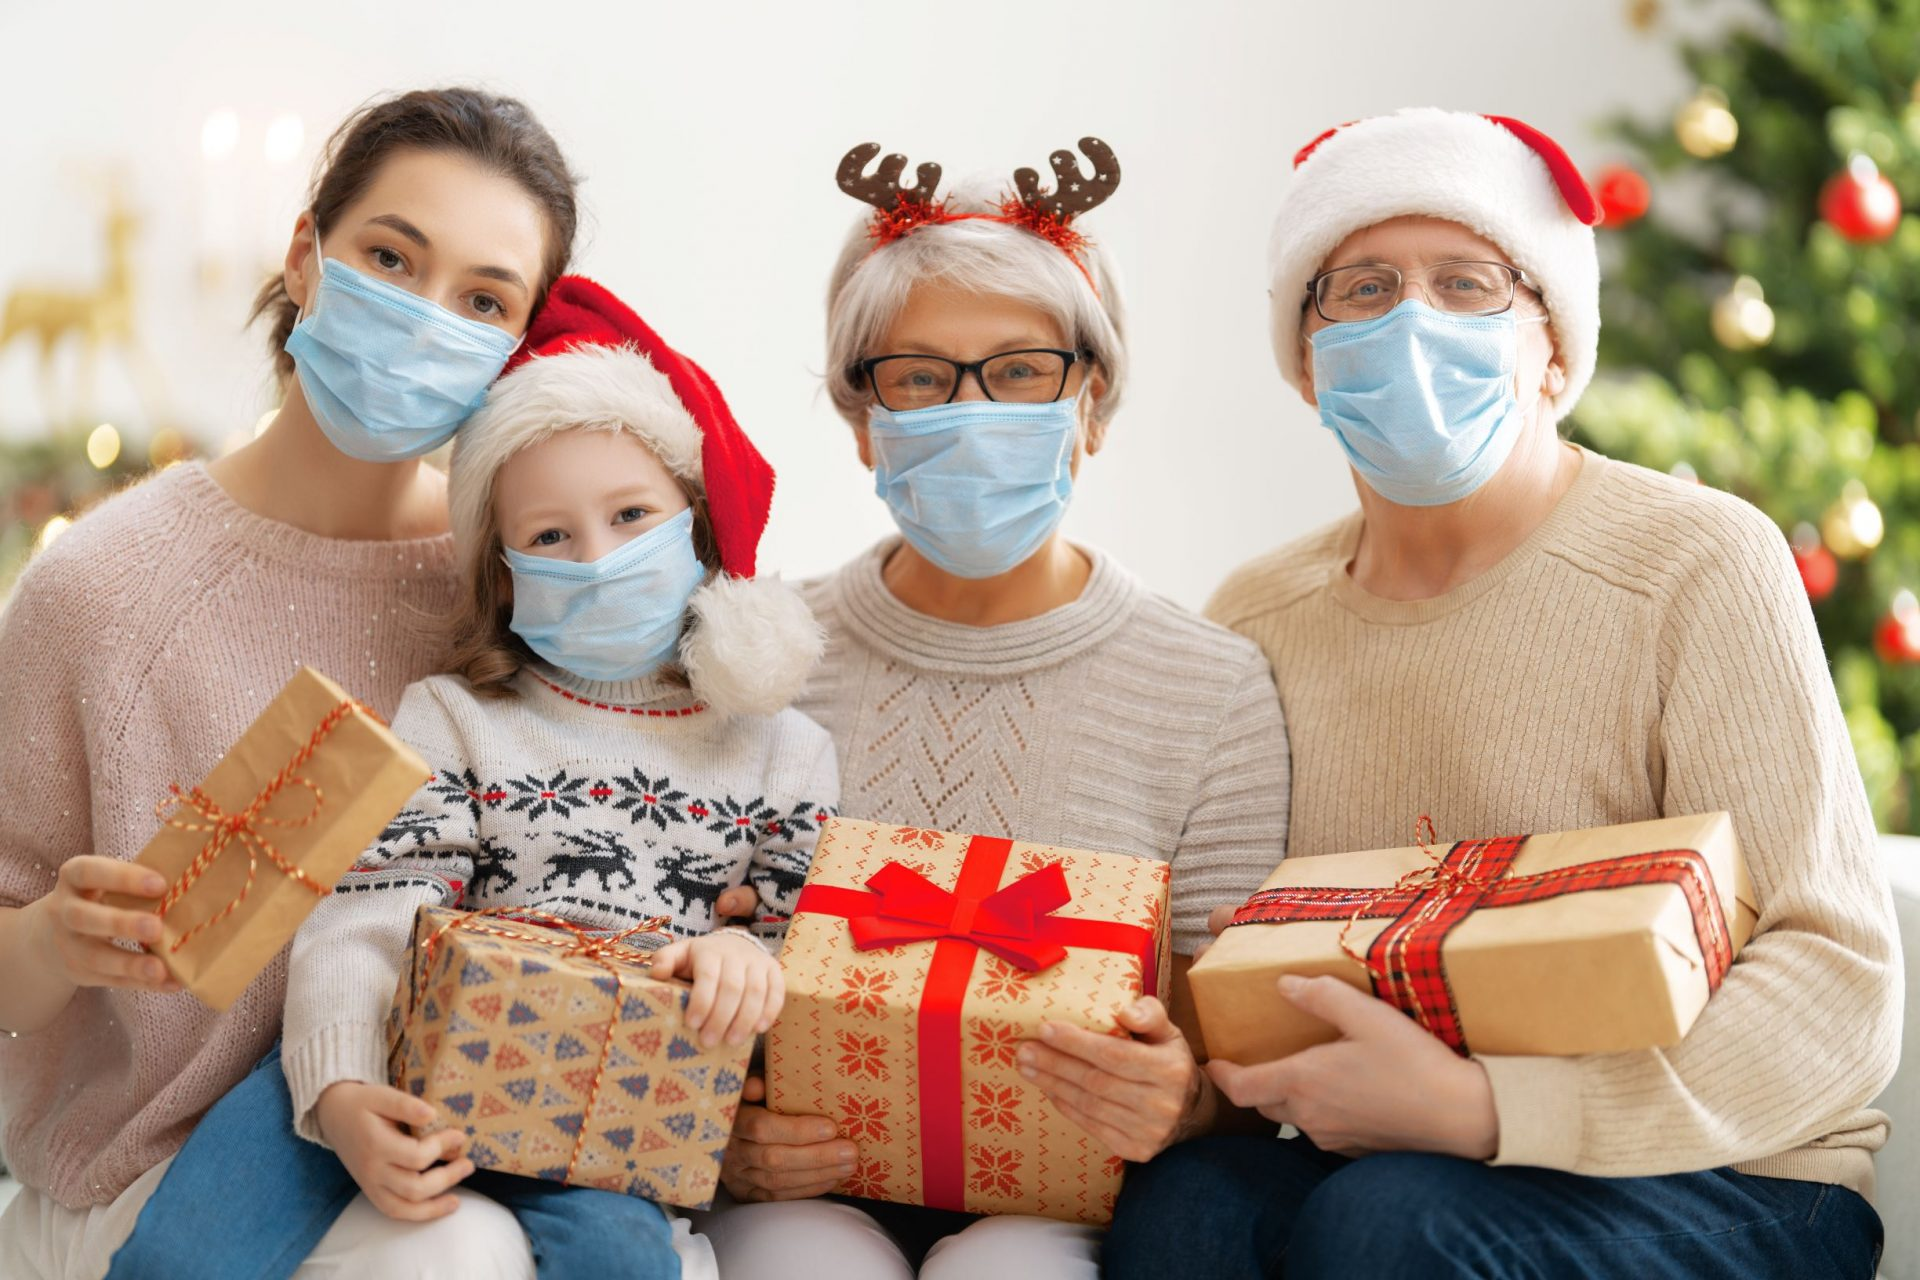 Perhe maskit kasvoilla ja joululahjat sylissä.